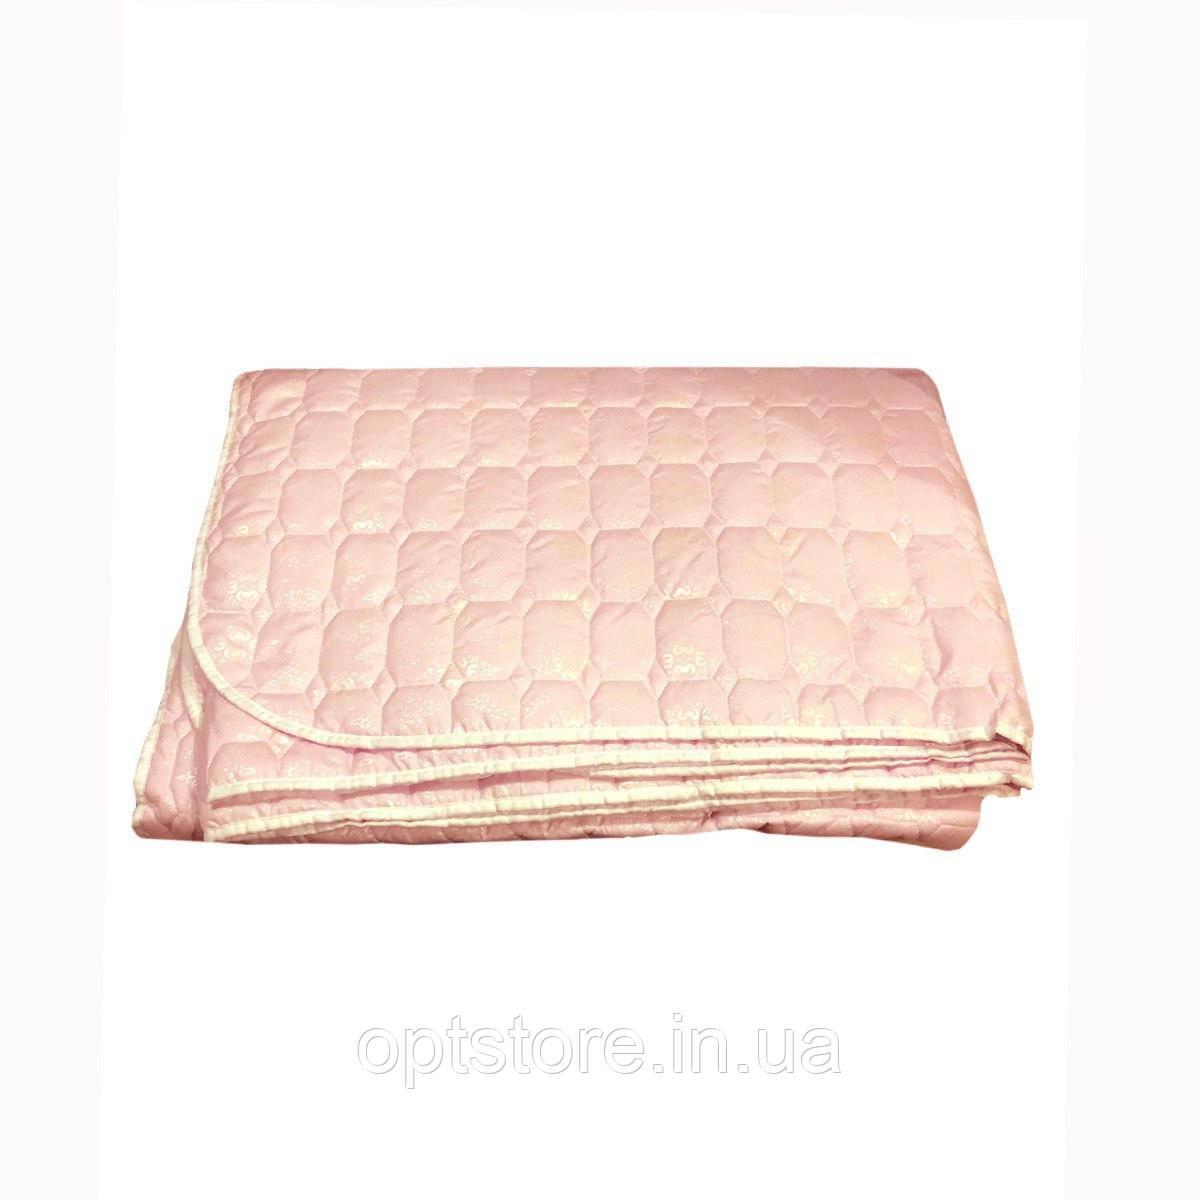 Бамбукове літній ковдра-покривало євро розмір 195/205 см